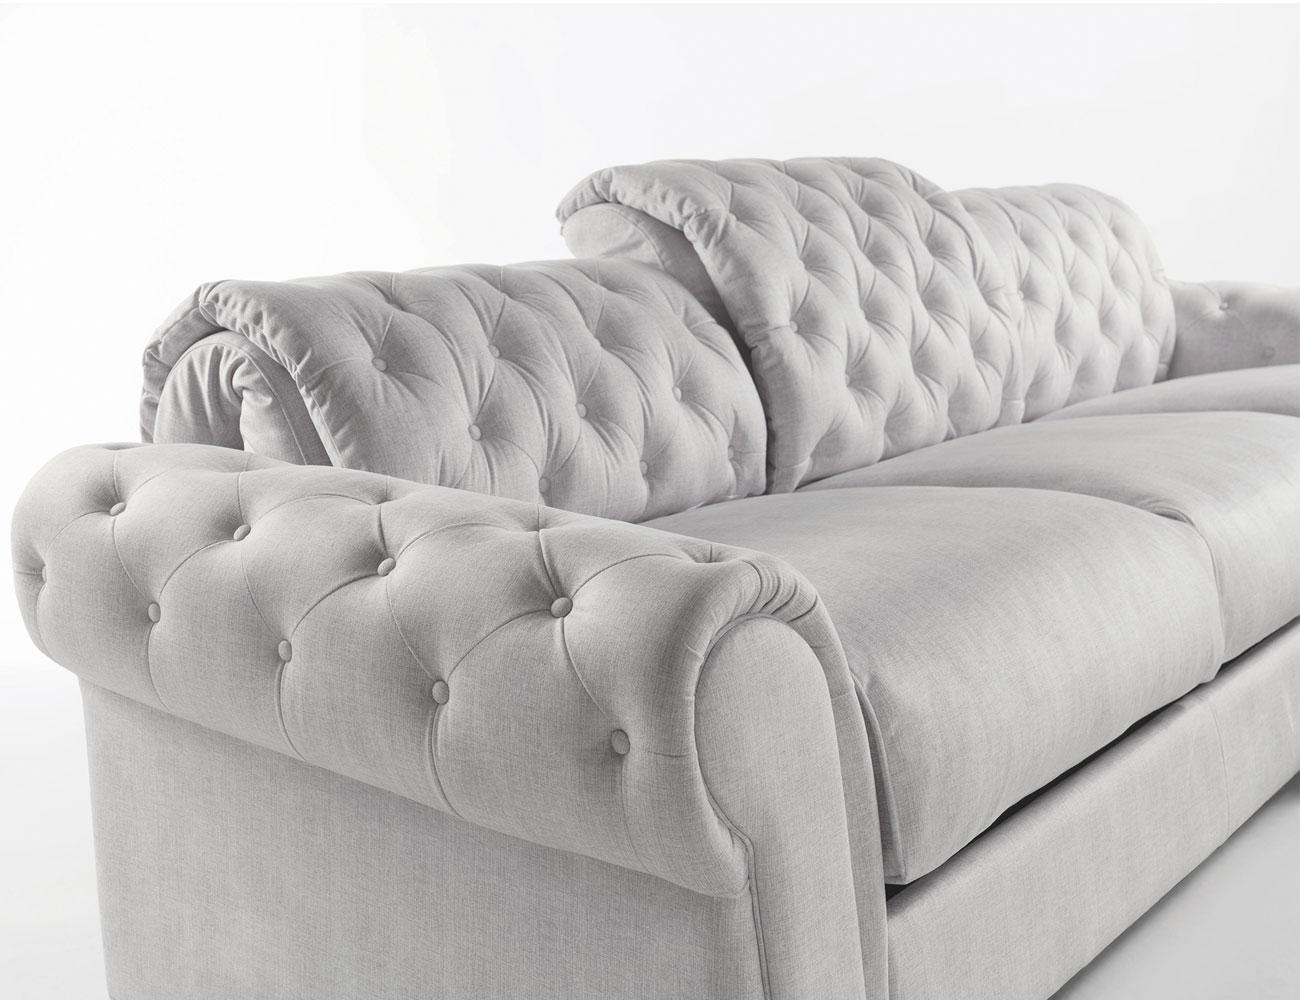 Sofa chaiselongue gran lujo decorativo capitone blanco tela 123